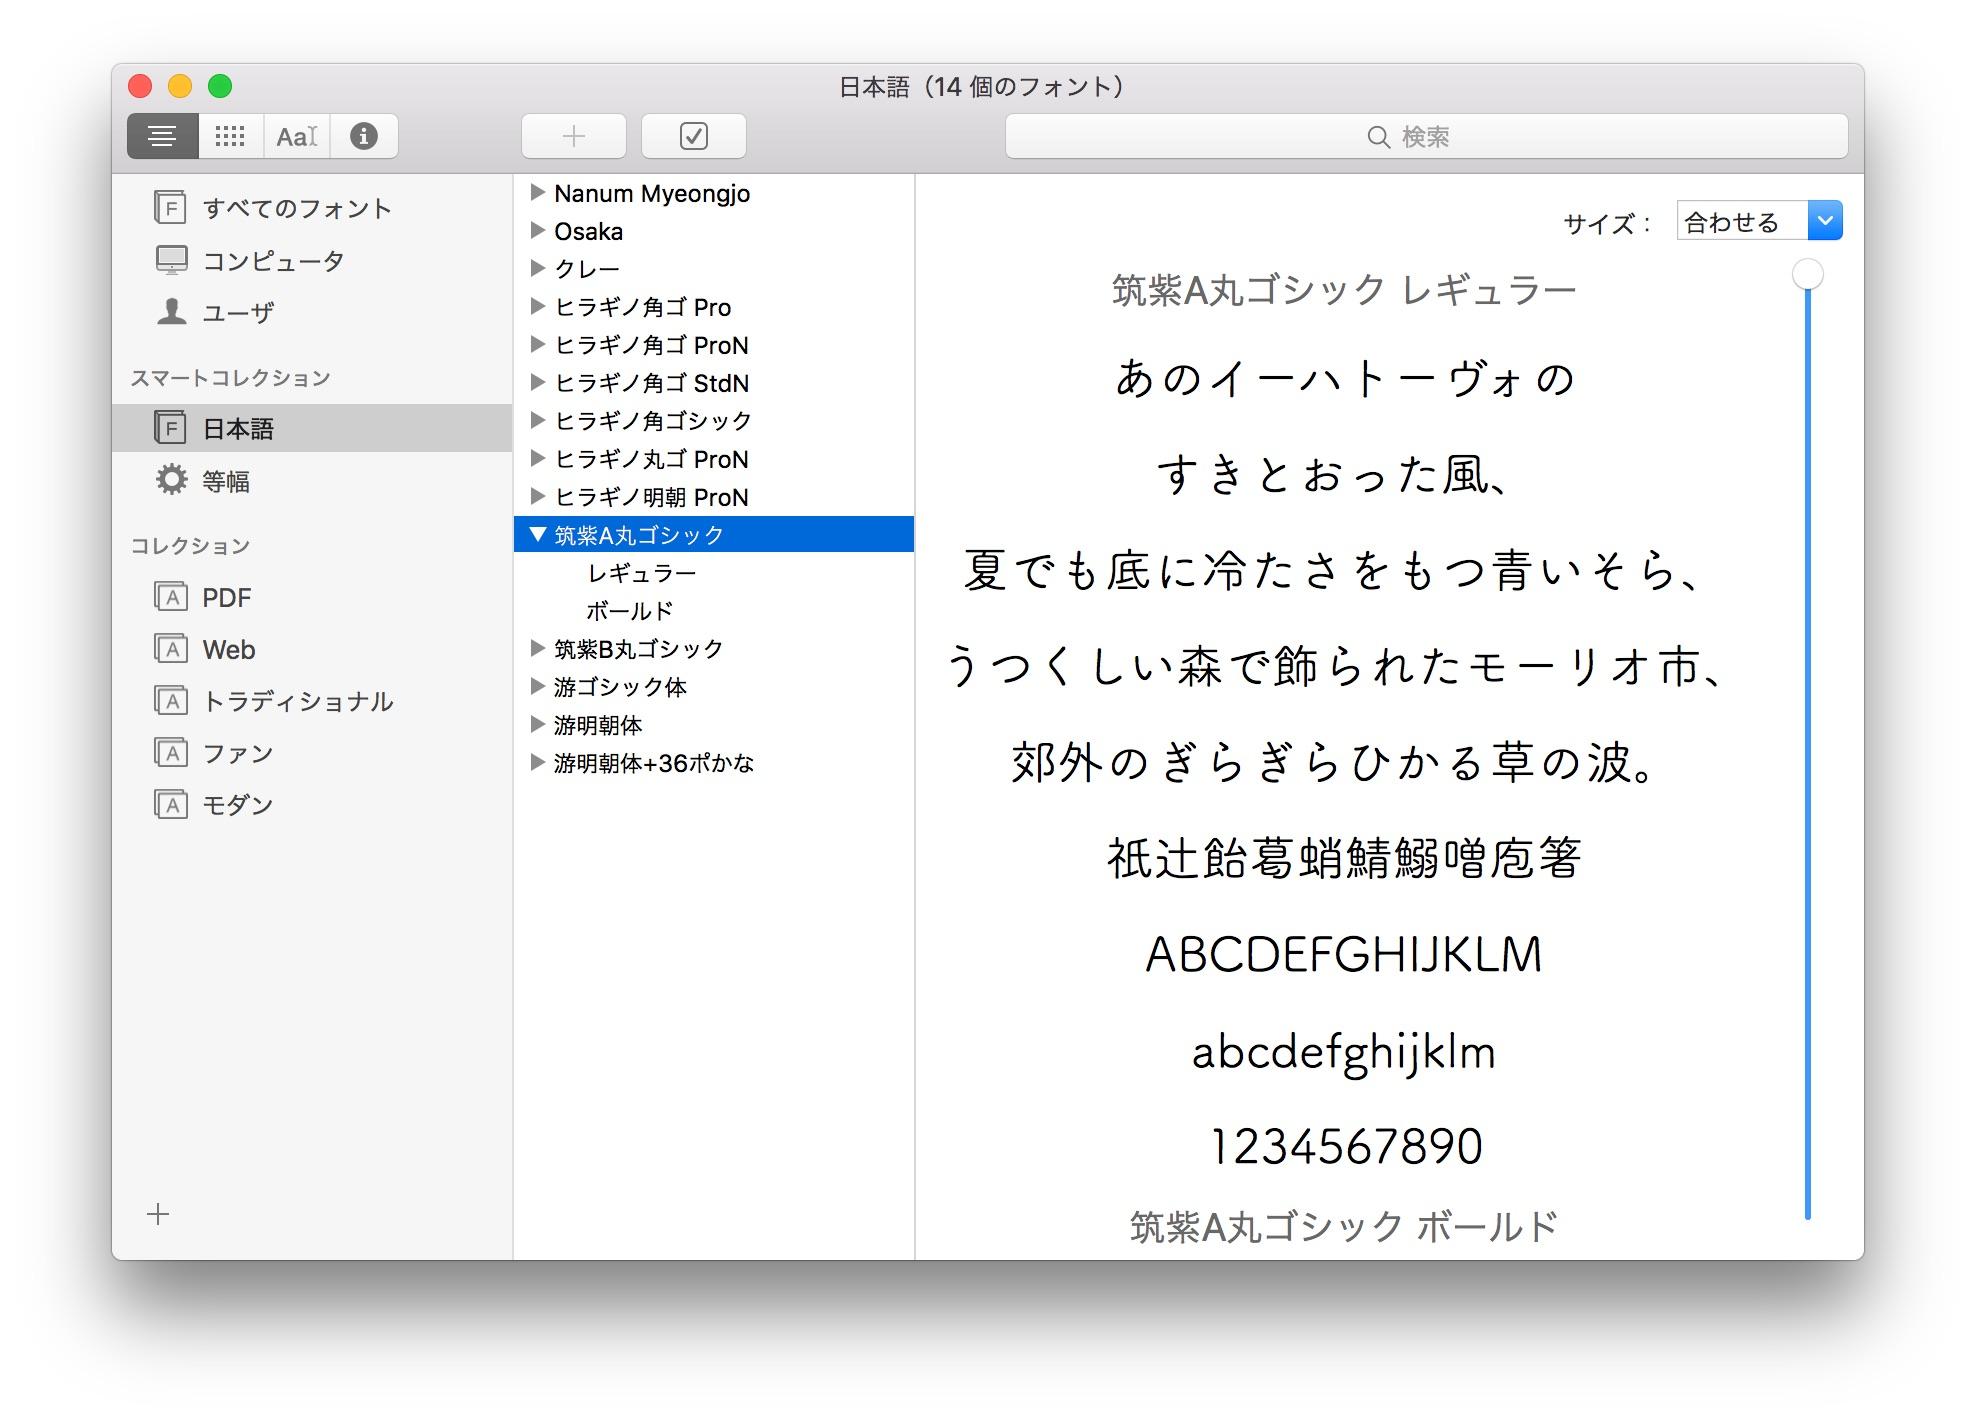 OS X 10.11 El Capitanには「クレー」「筑紫A丸ゴ …